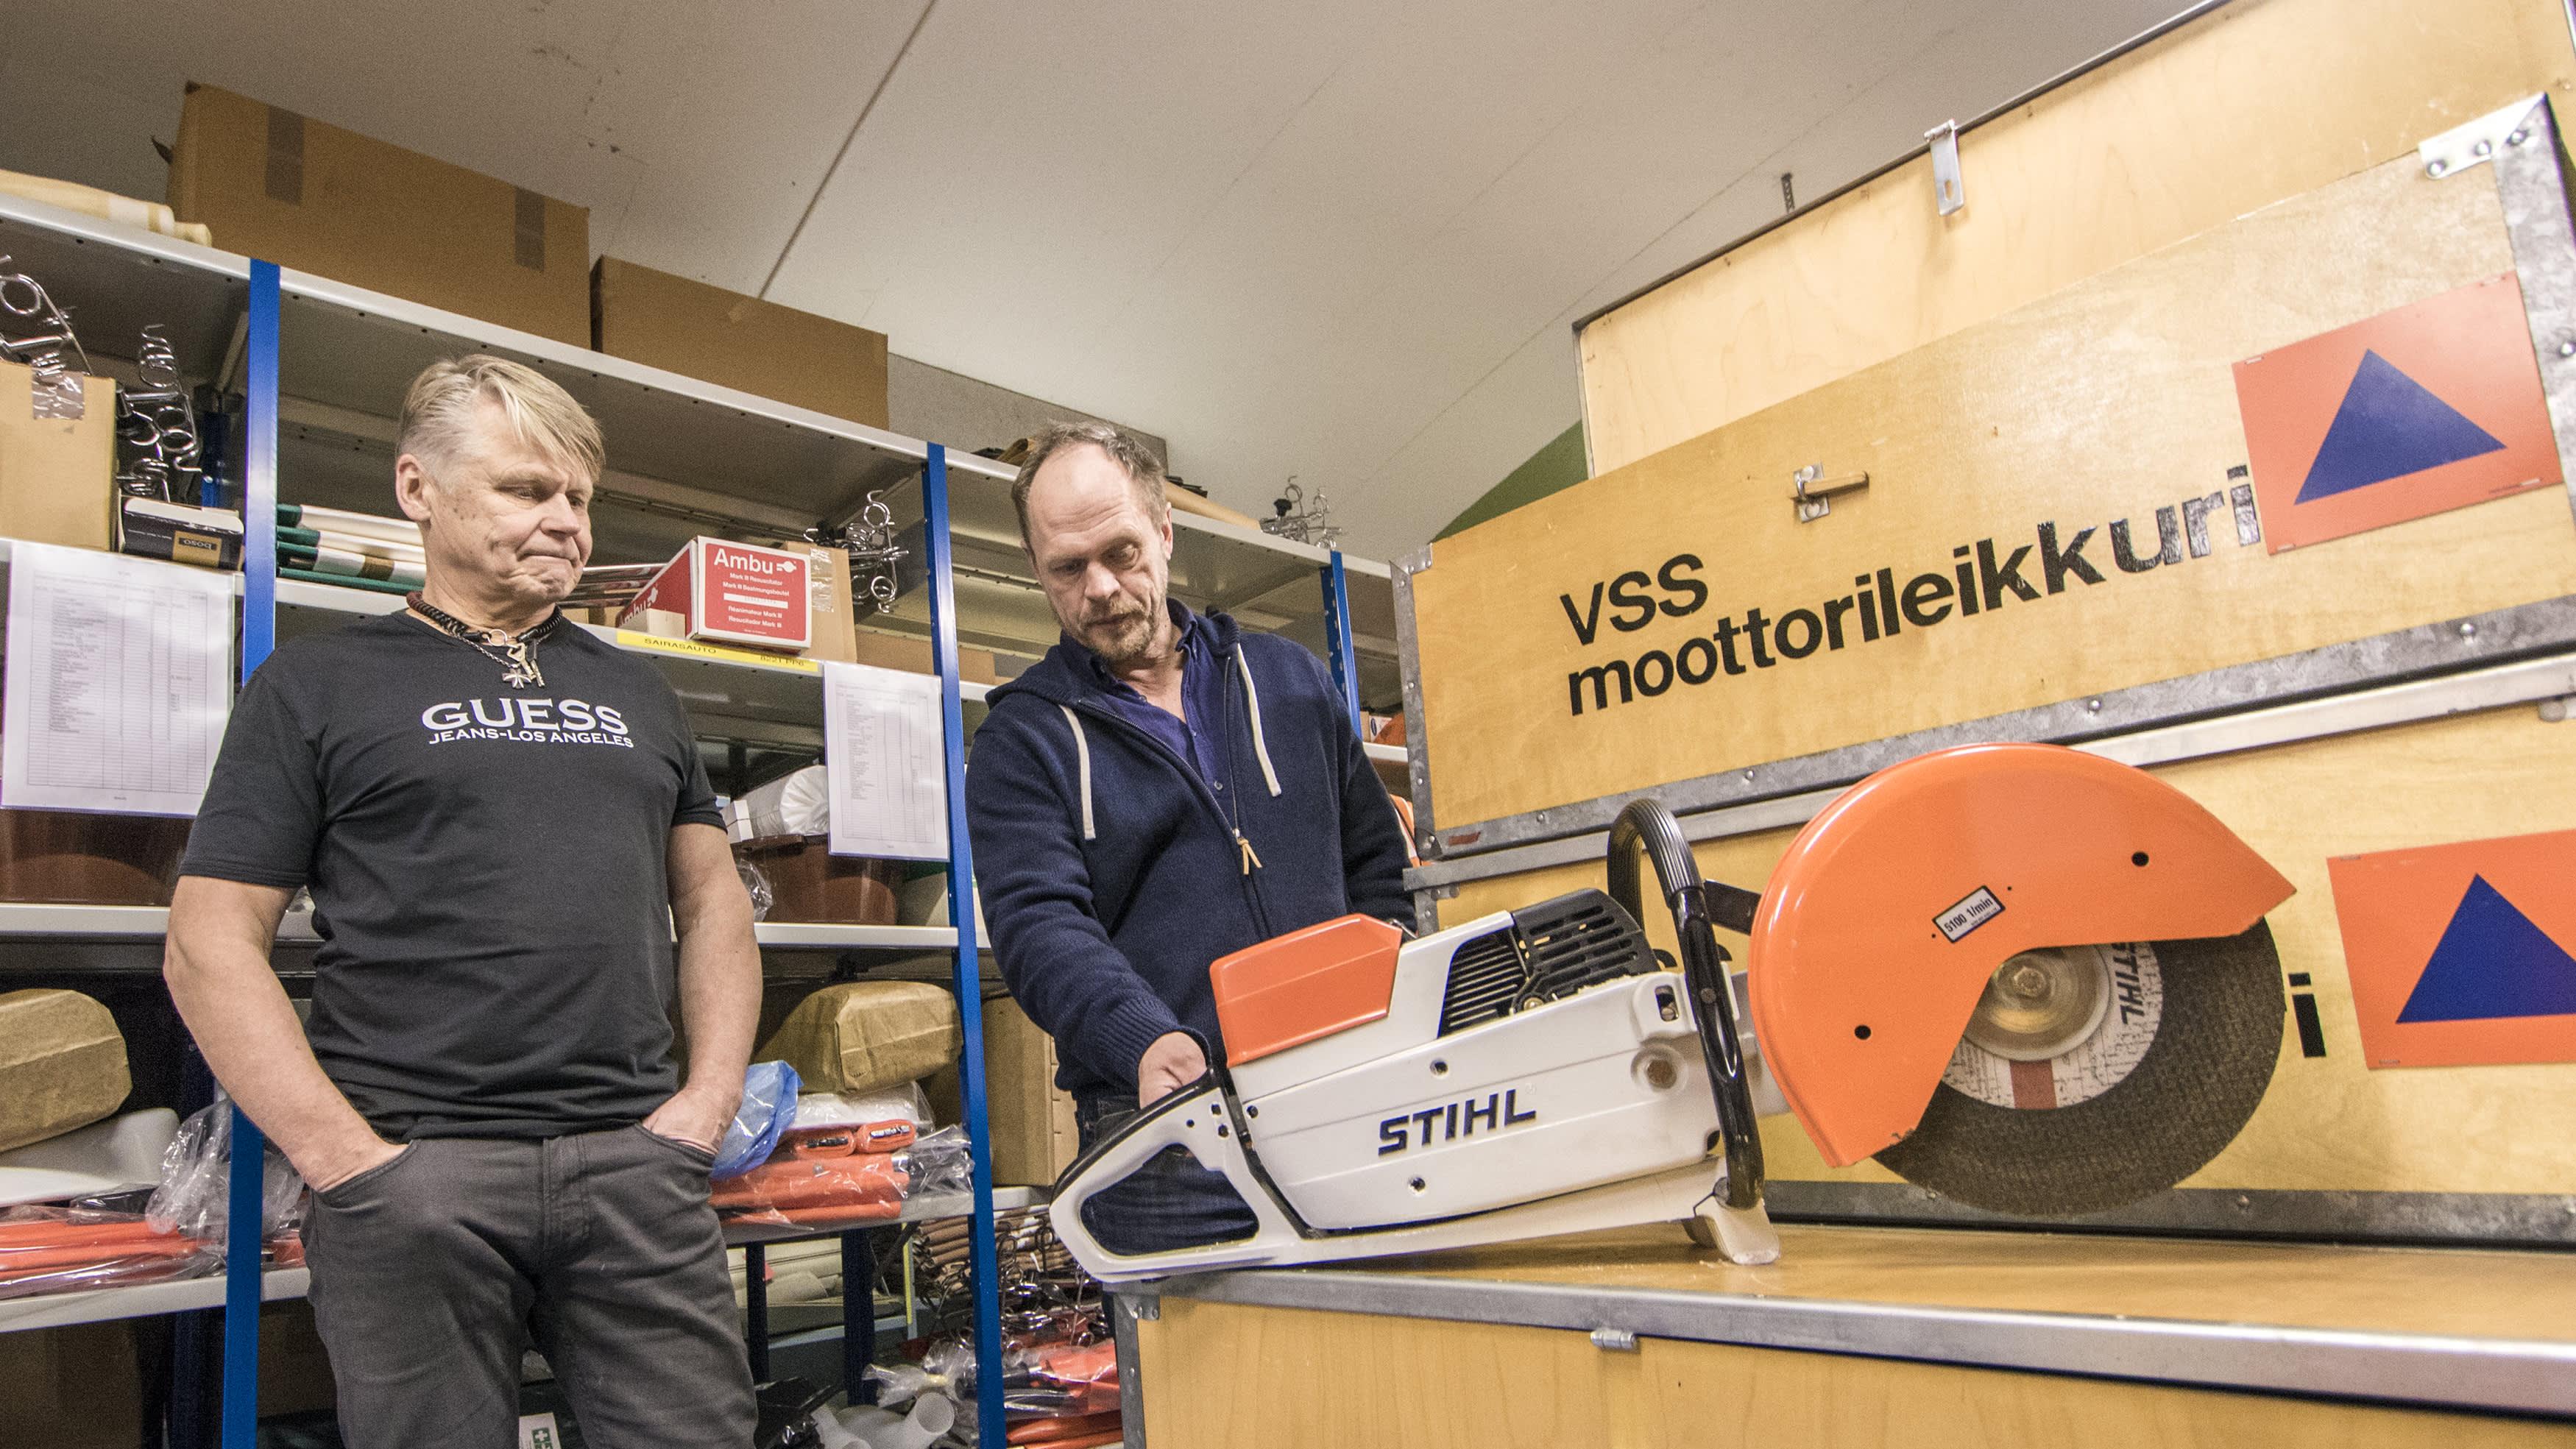 väestönsuojatarvikehuutokauppa kuopio vss-varasto katastrofi valmistautuminen selviytyminen Mikko Korhonen ja Seppo Hiekkala